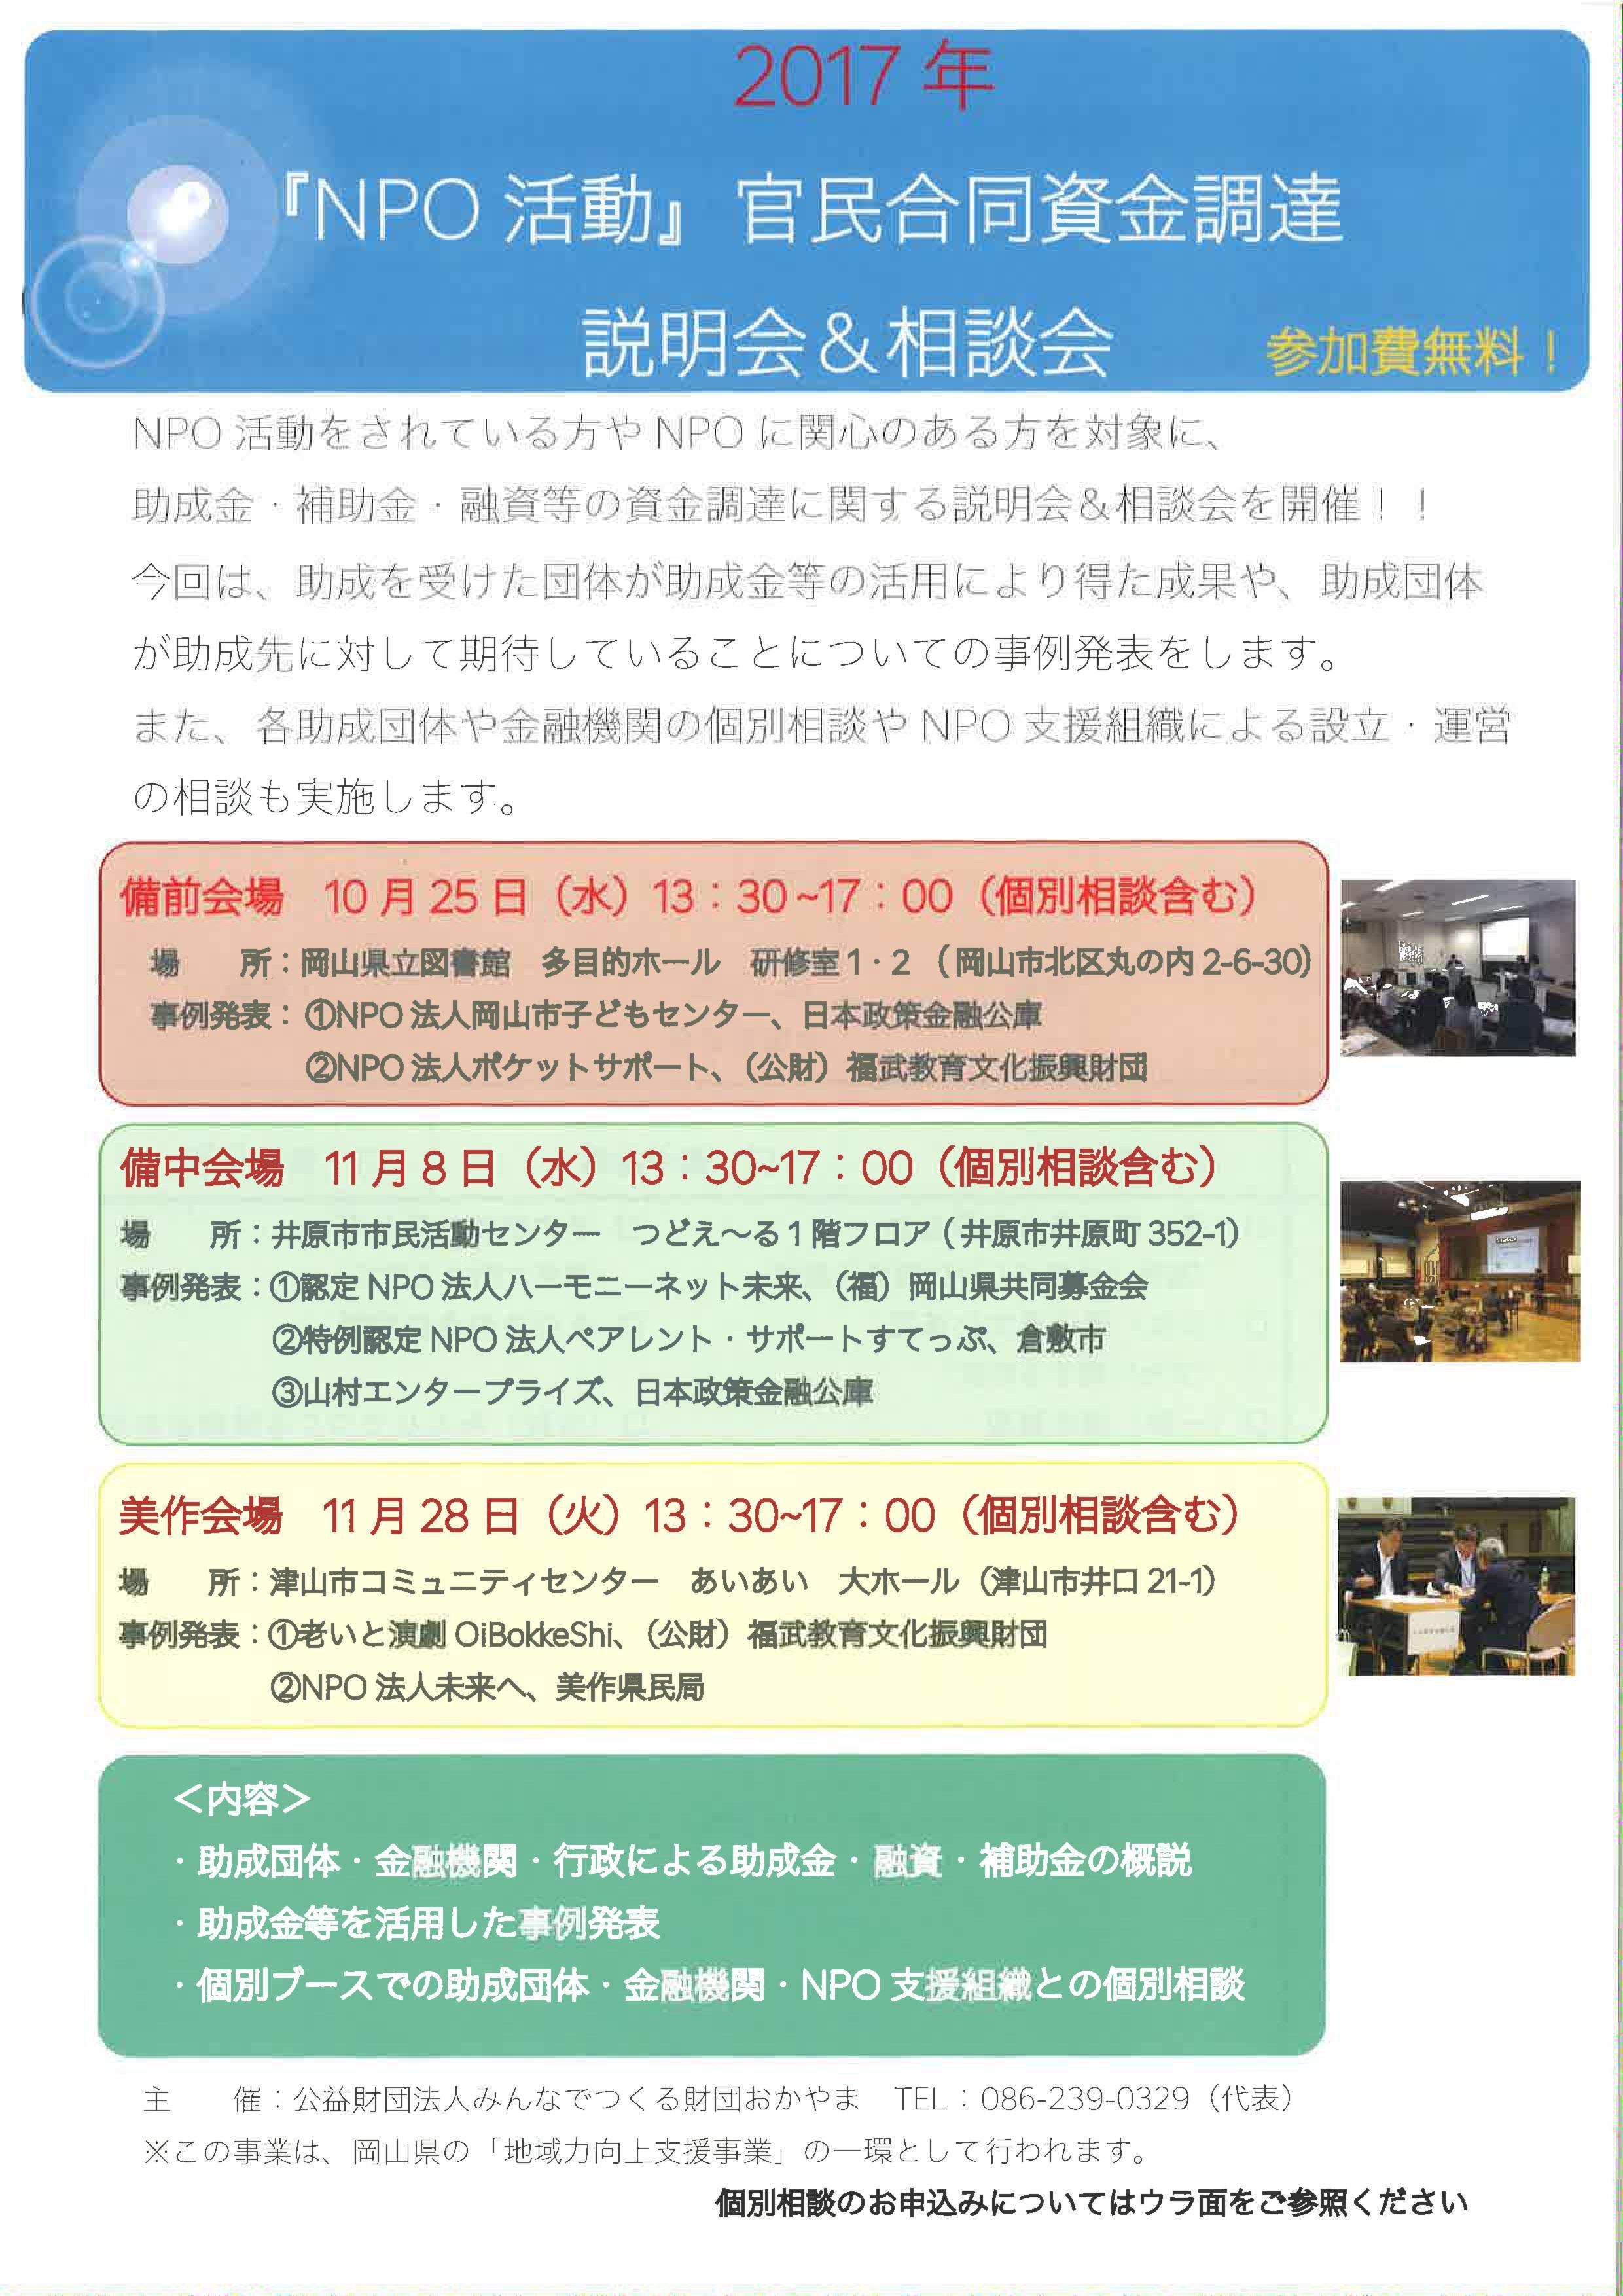 【 井原 】「NPO活動 官民合同資金調達説明会&相談会」のご案内